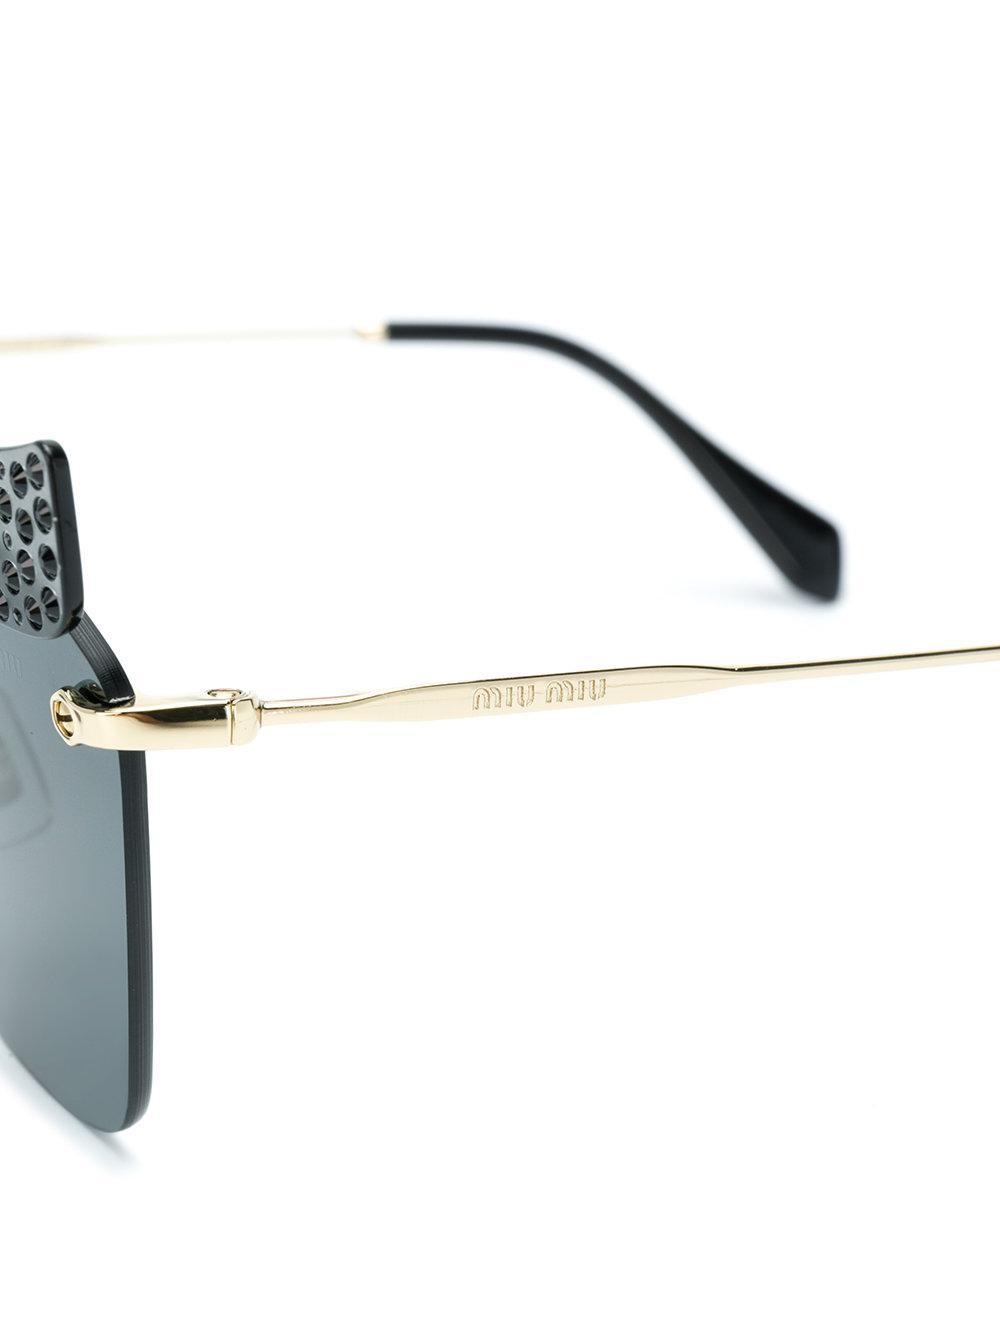 Miu Miu Embellished Cat Eye Sunglasses in Black